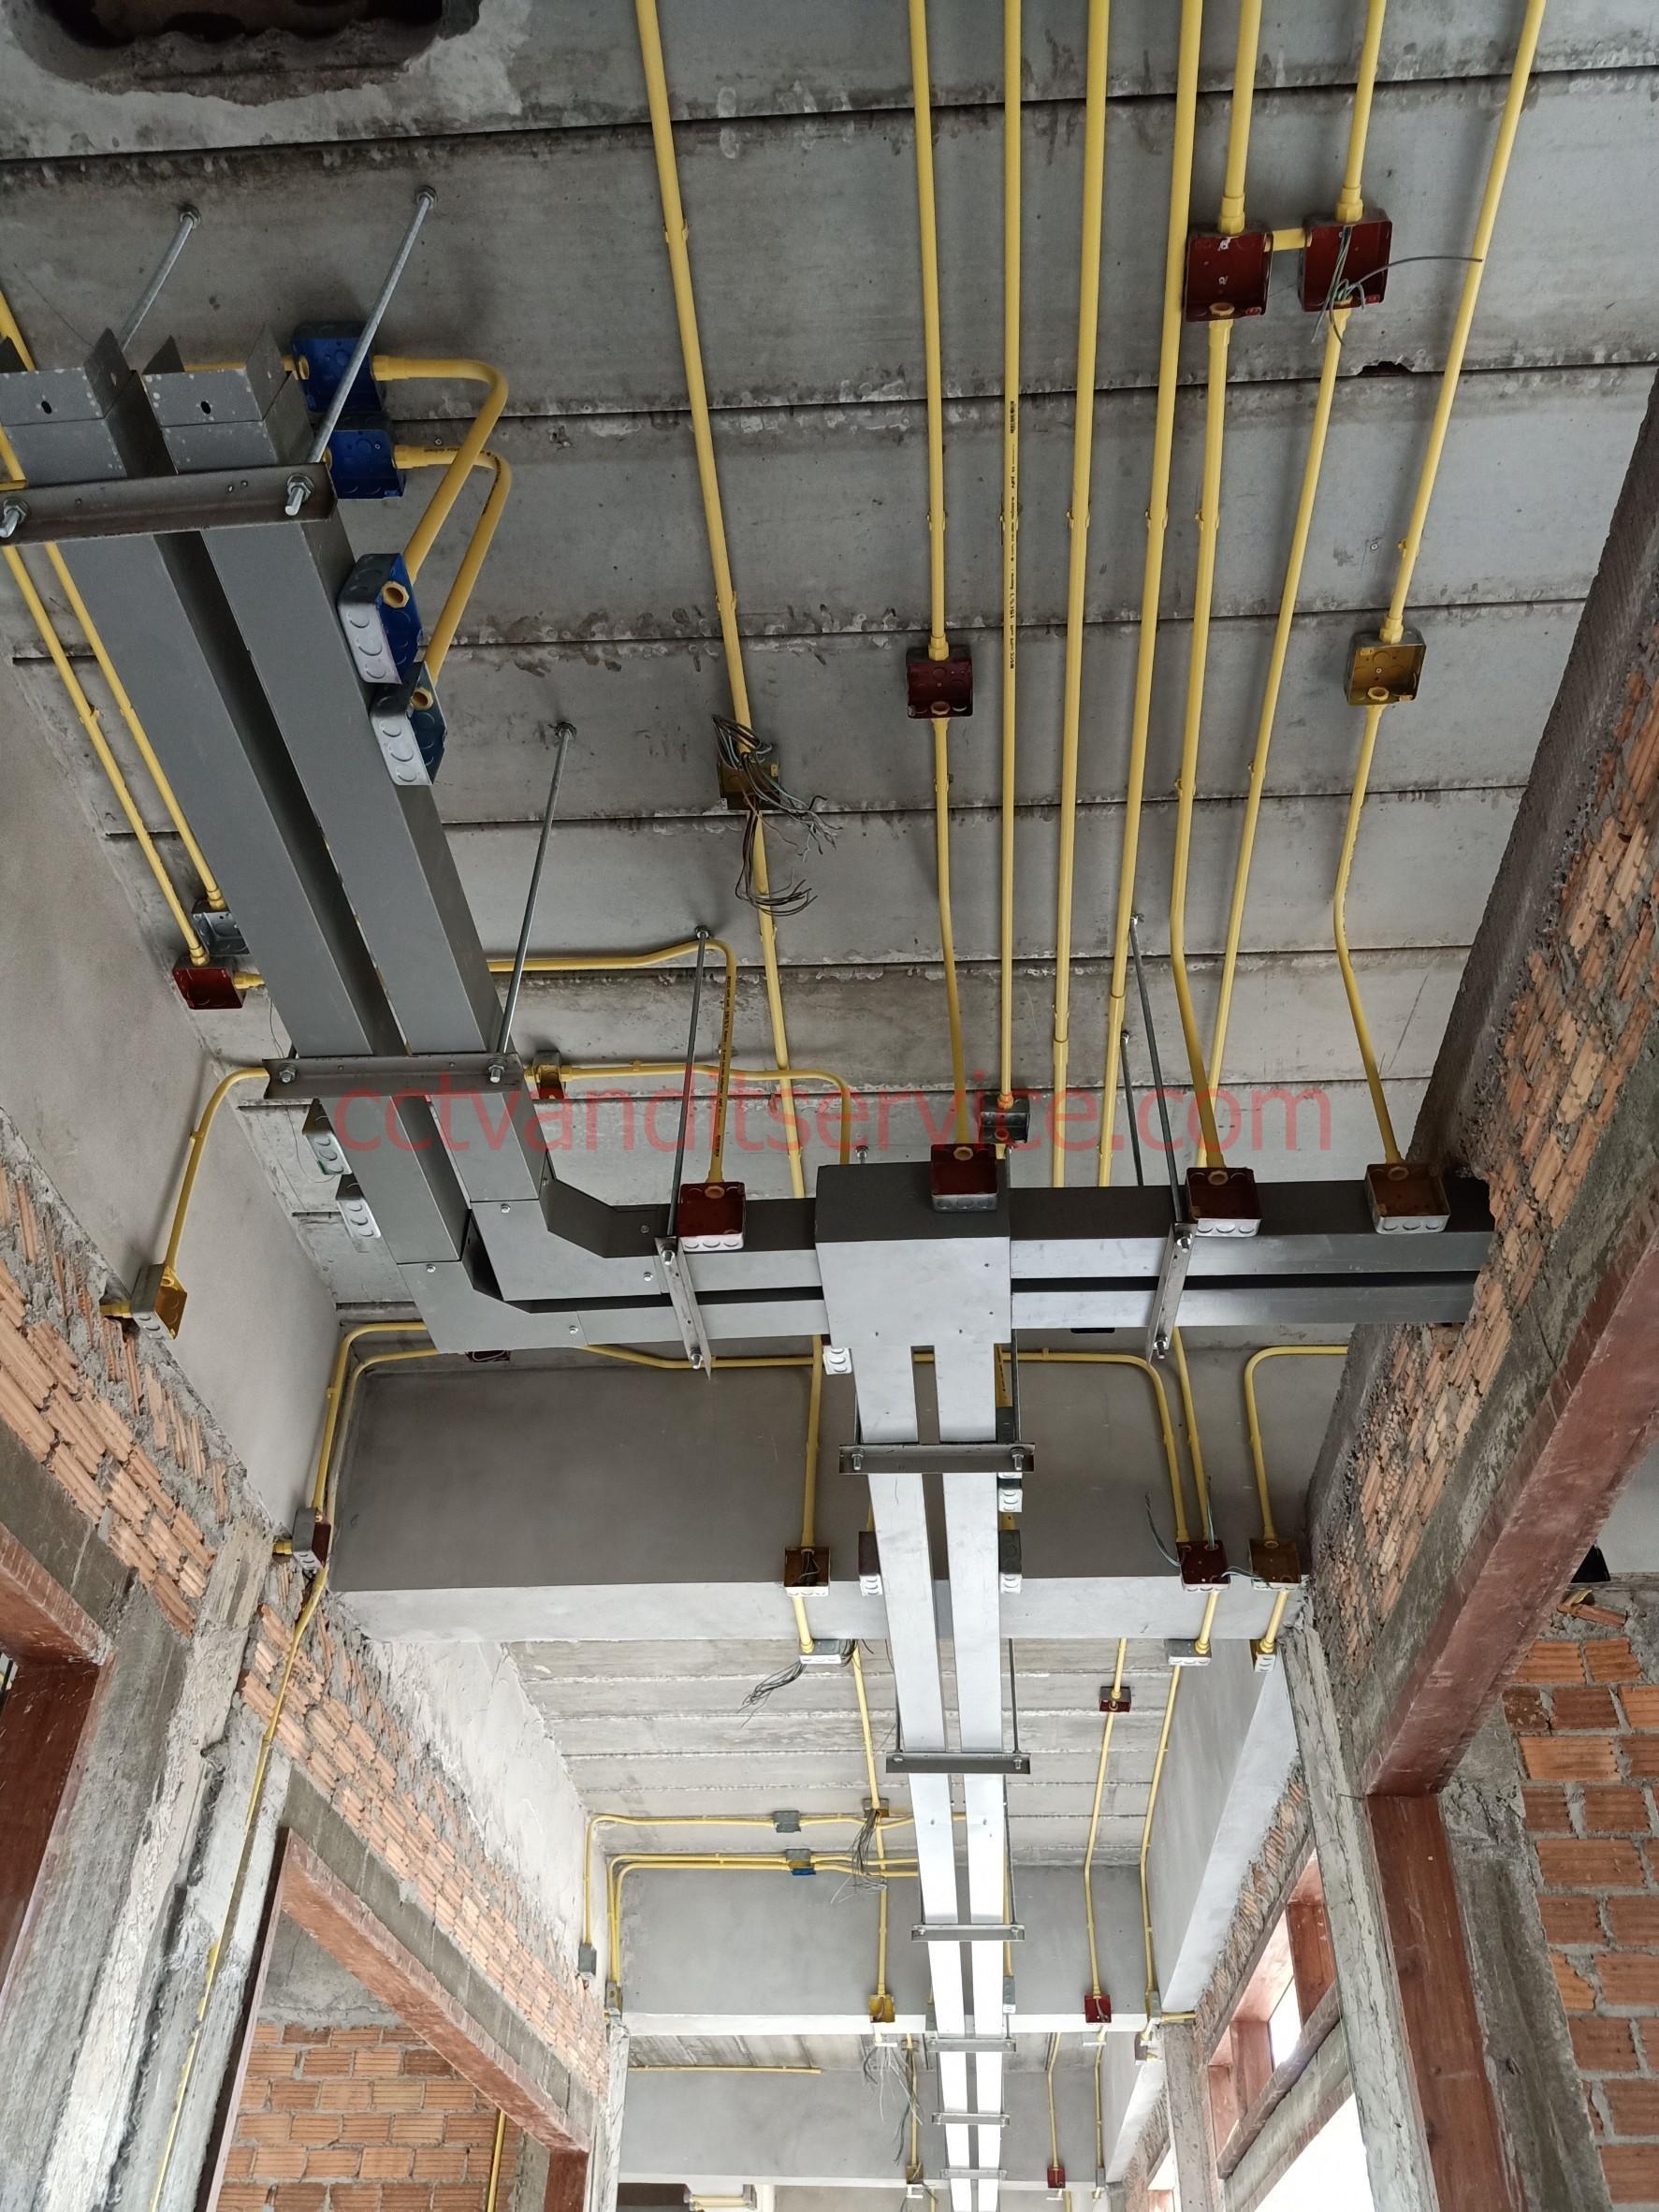 เชียงใหม่ งานไฟฟ้า 3เฟสวางรางเหล็ก ติดตั้งระบบไฟฟ้า 3 เฟส โรงานขนาดเล็ก ขนาดกลาง งานห้าง โกดัง